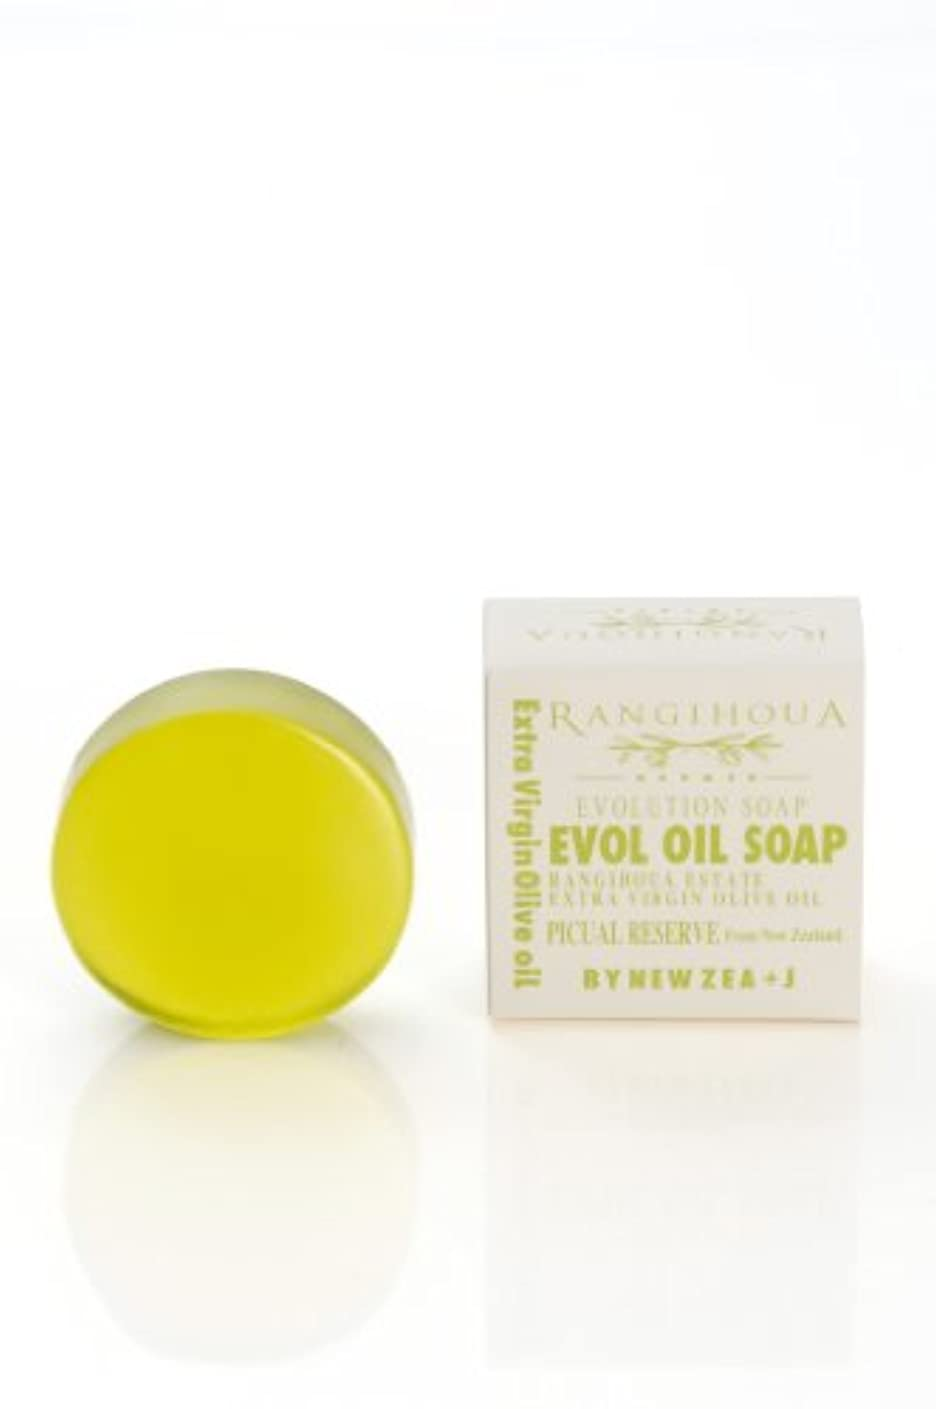 想像力ポルノ参照【NEW ZEA+J ニュージージェー】 エボル?オイルソープ EVOL OIL SOAP